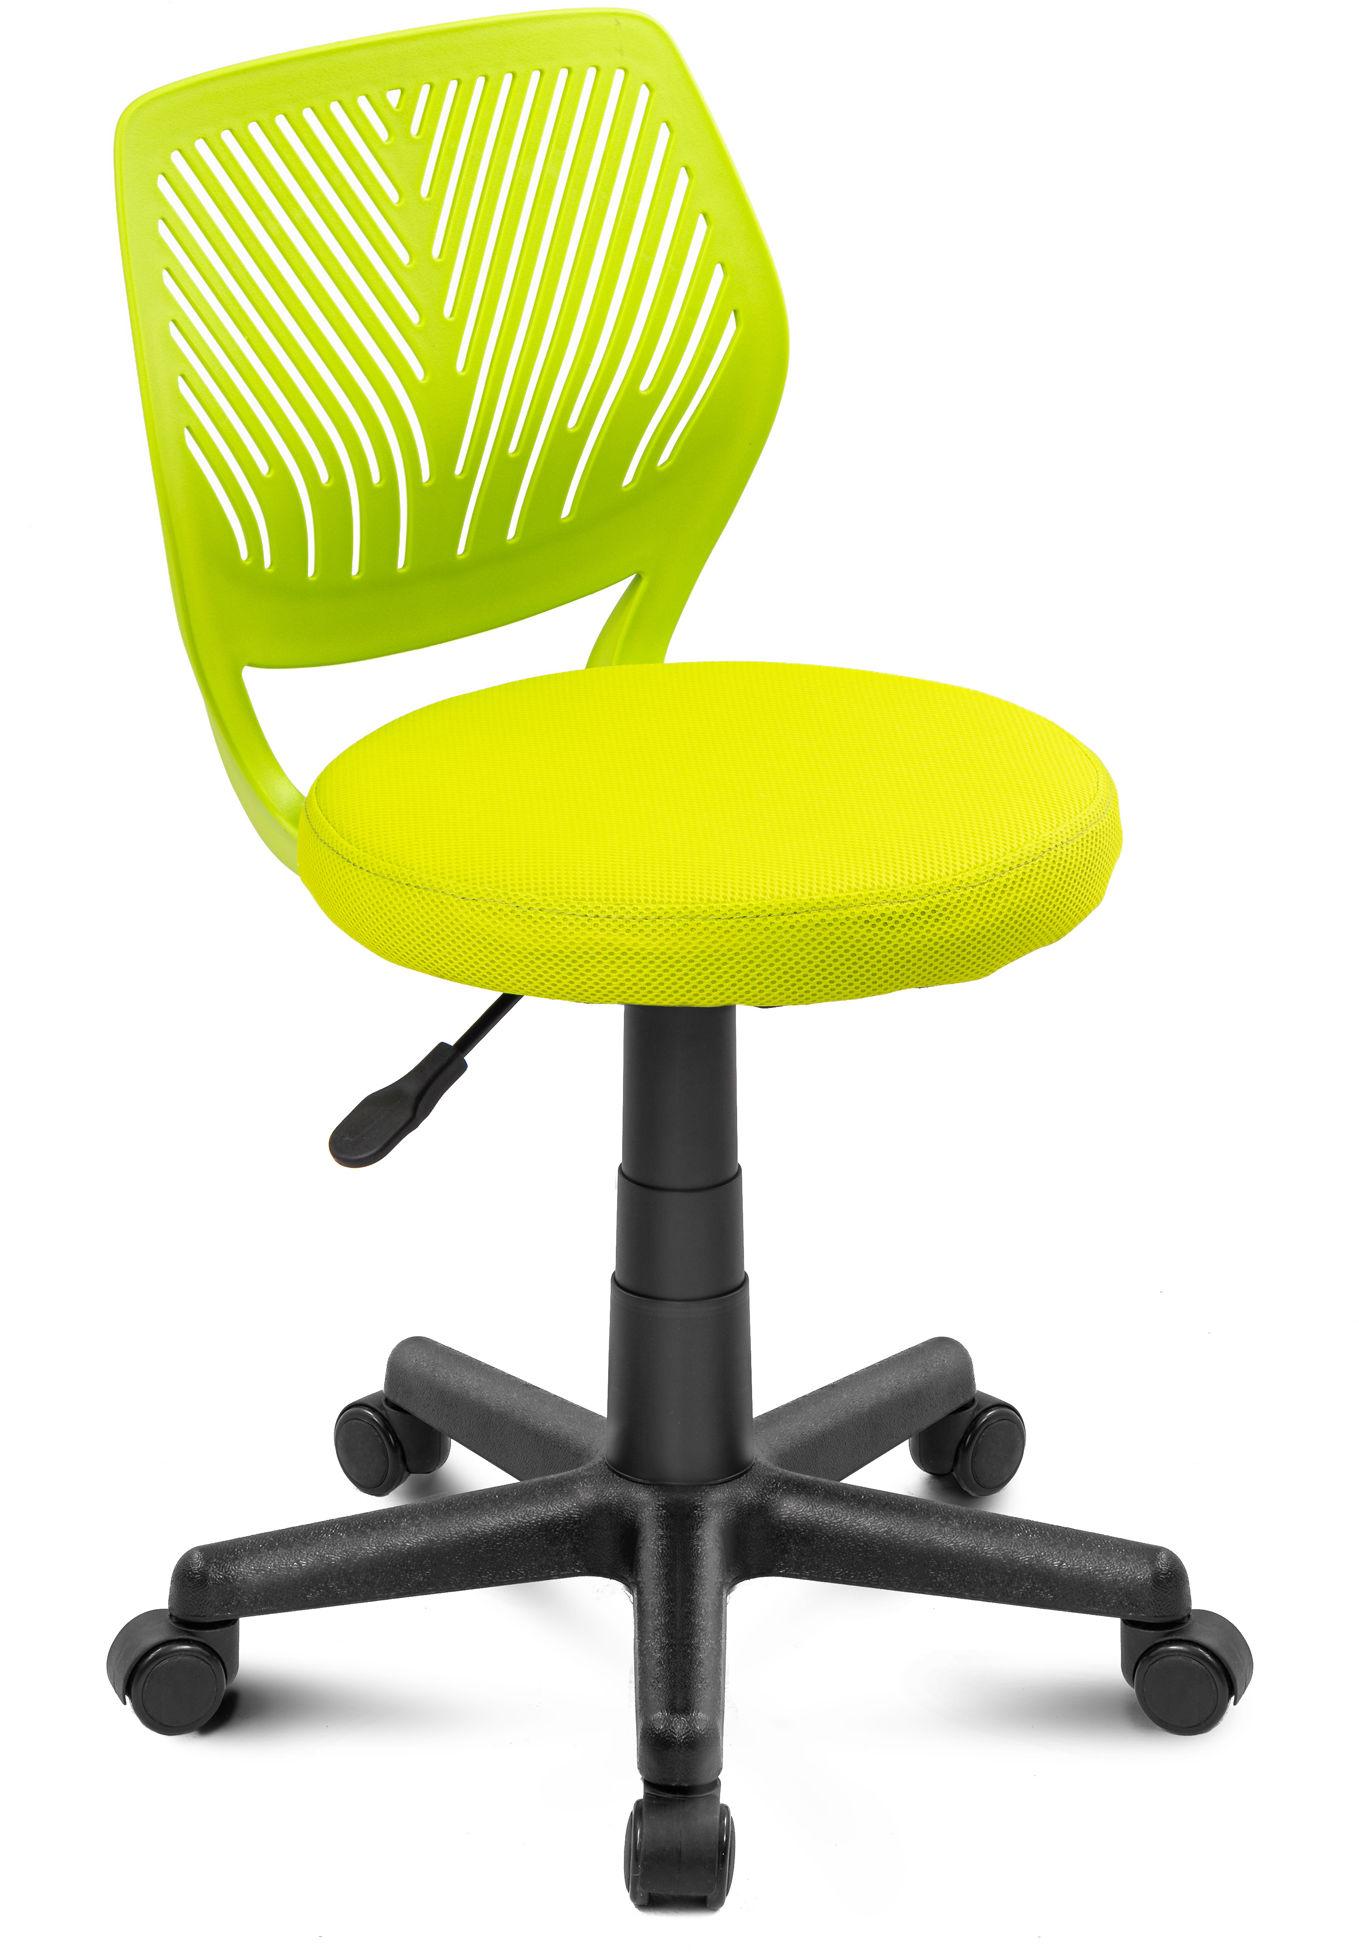 Fotel biurowy Smart z siedziskiem okrągłym - zielony